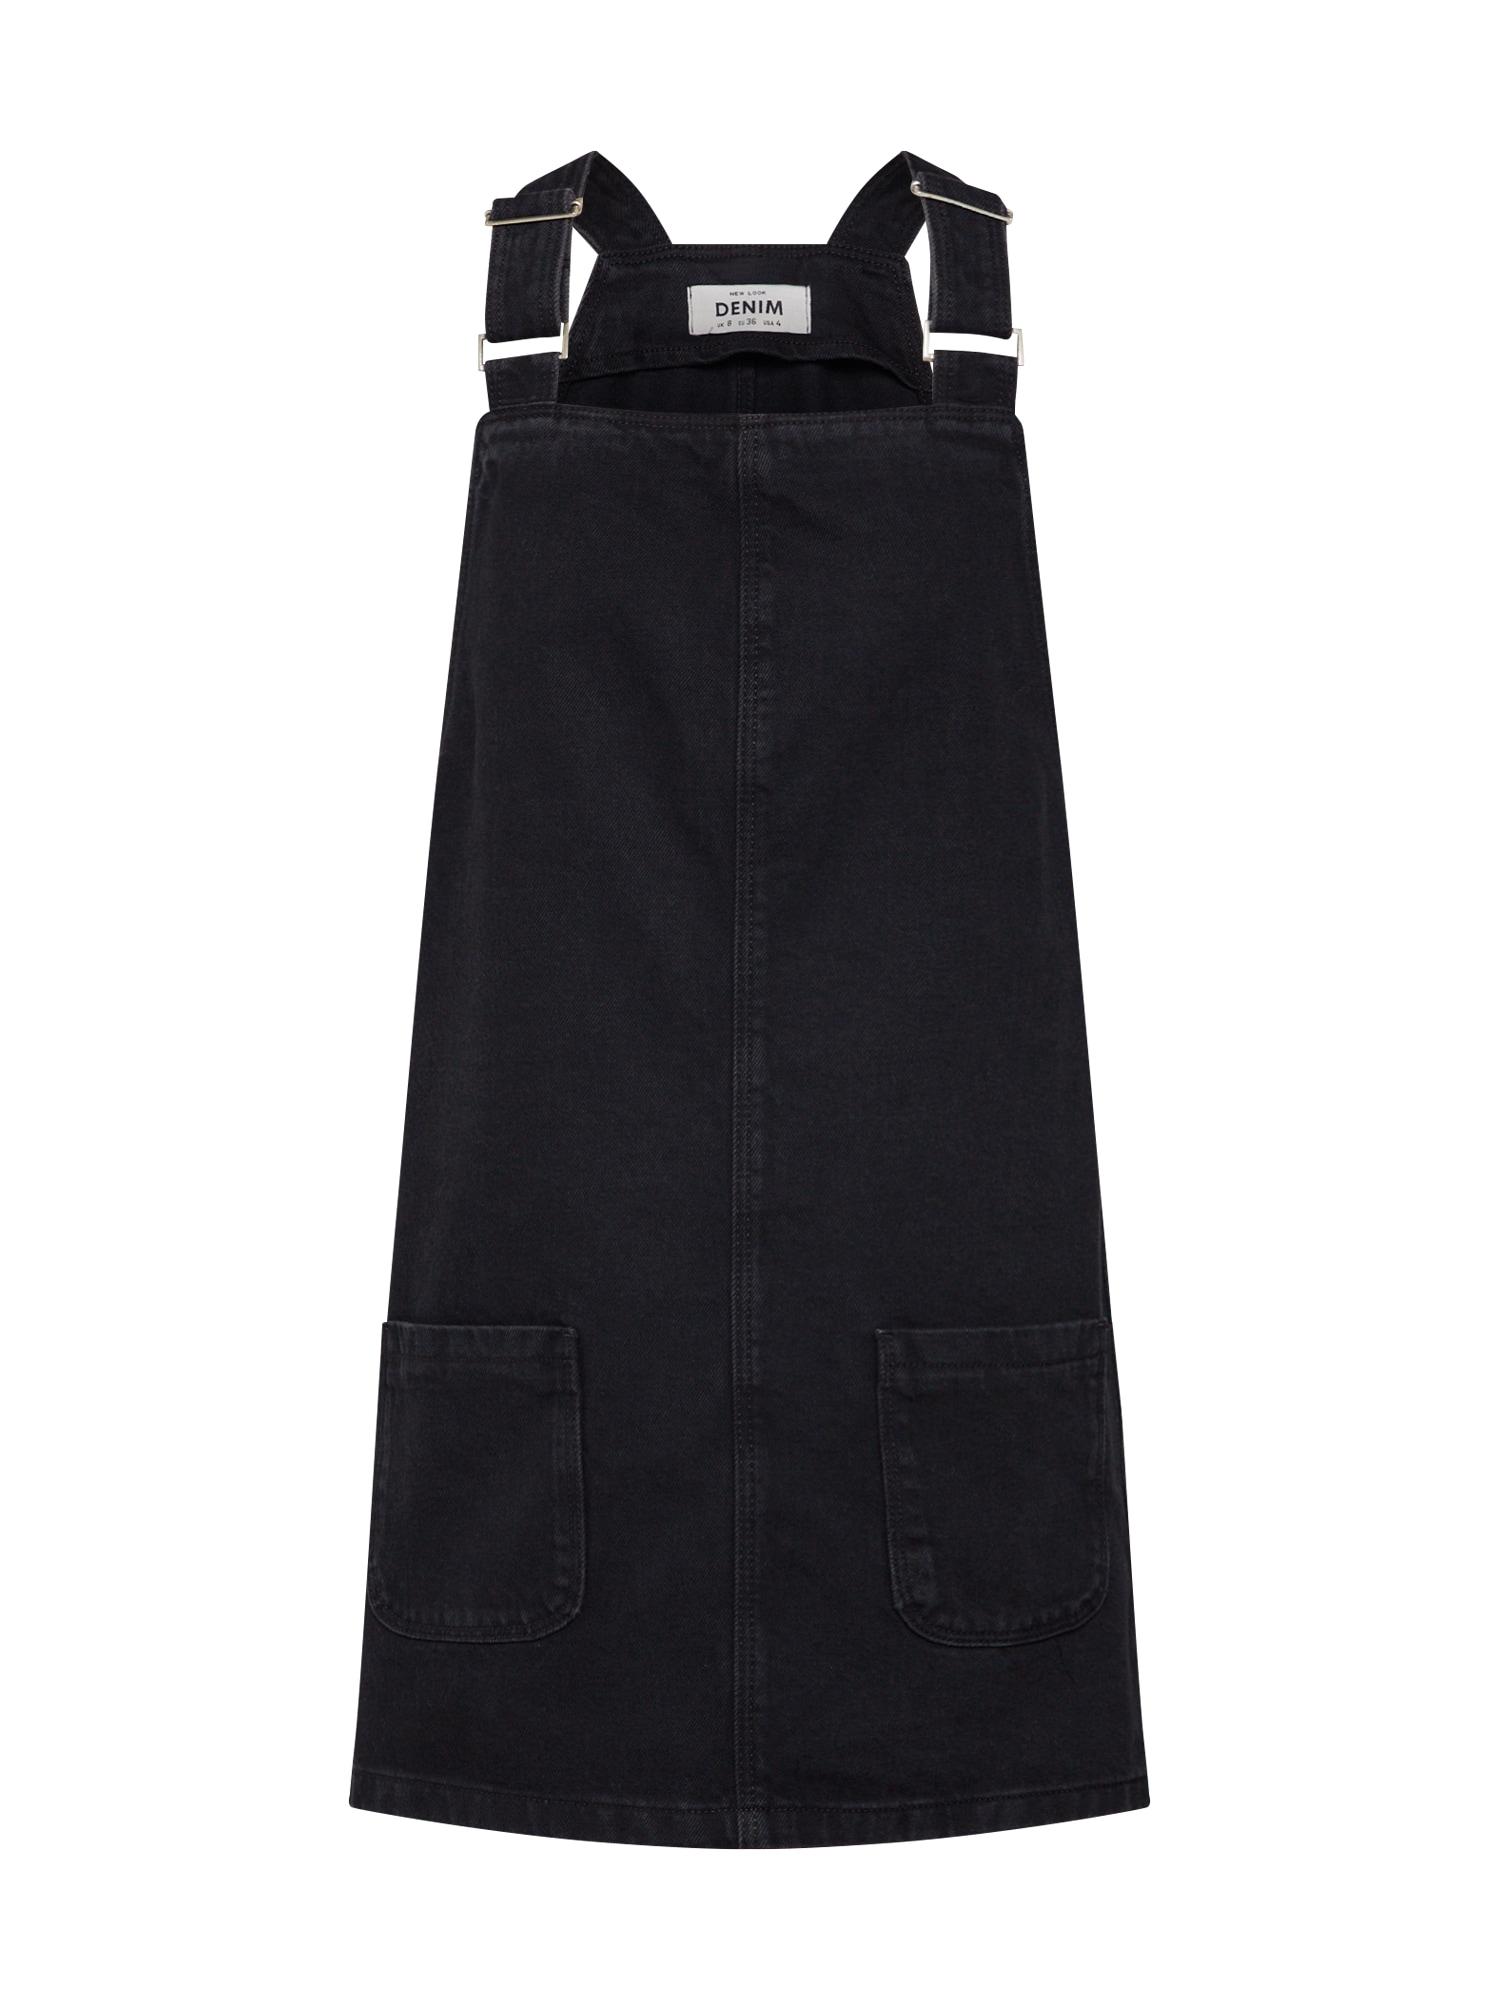 Šaty CHARLOTTE BUCKLE PINNY černá džínovina NEW LOOK